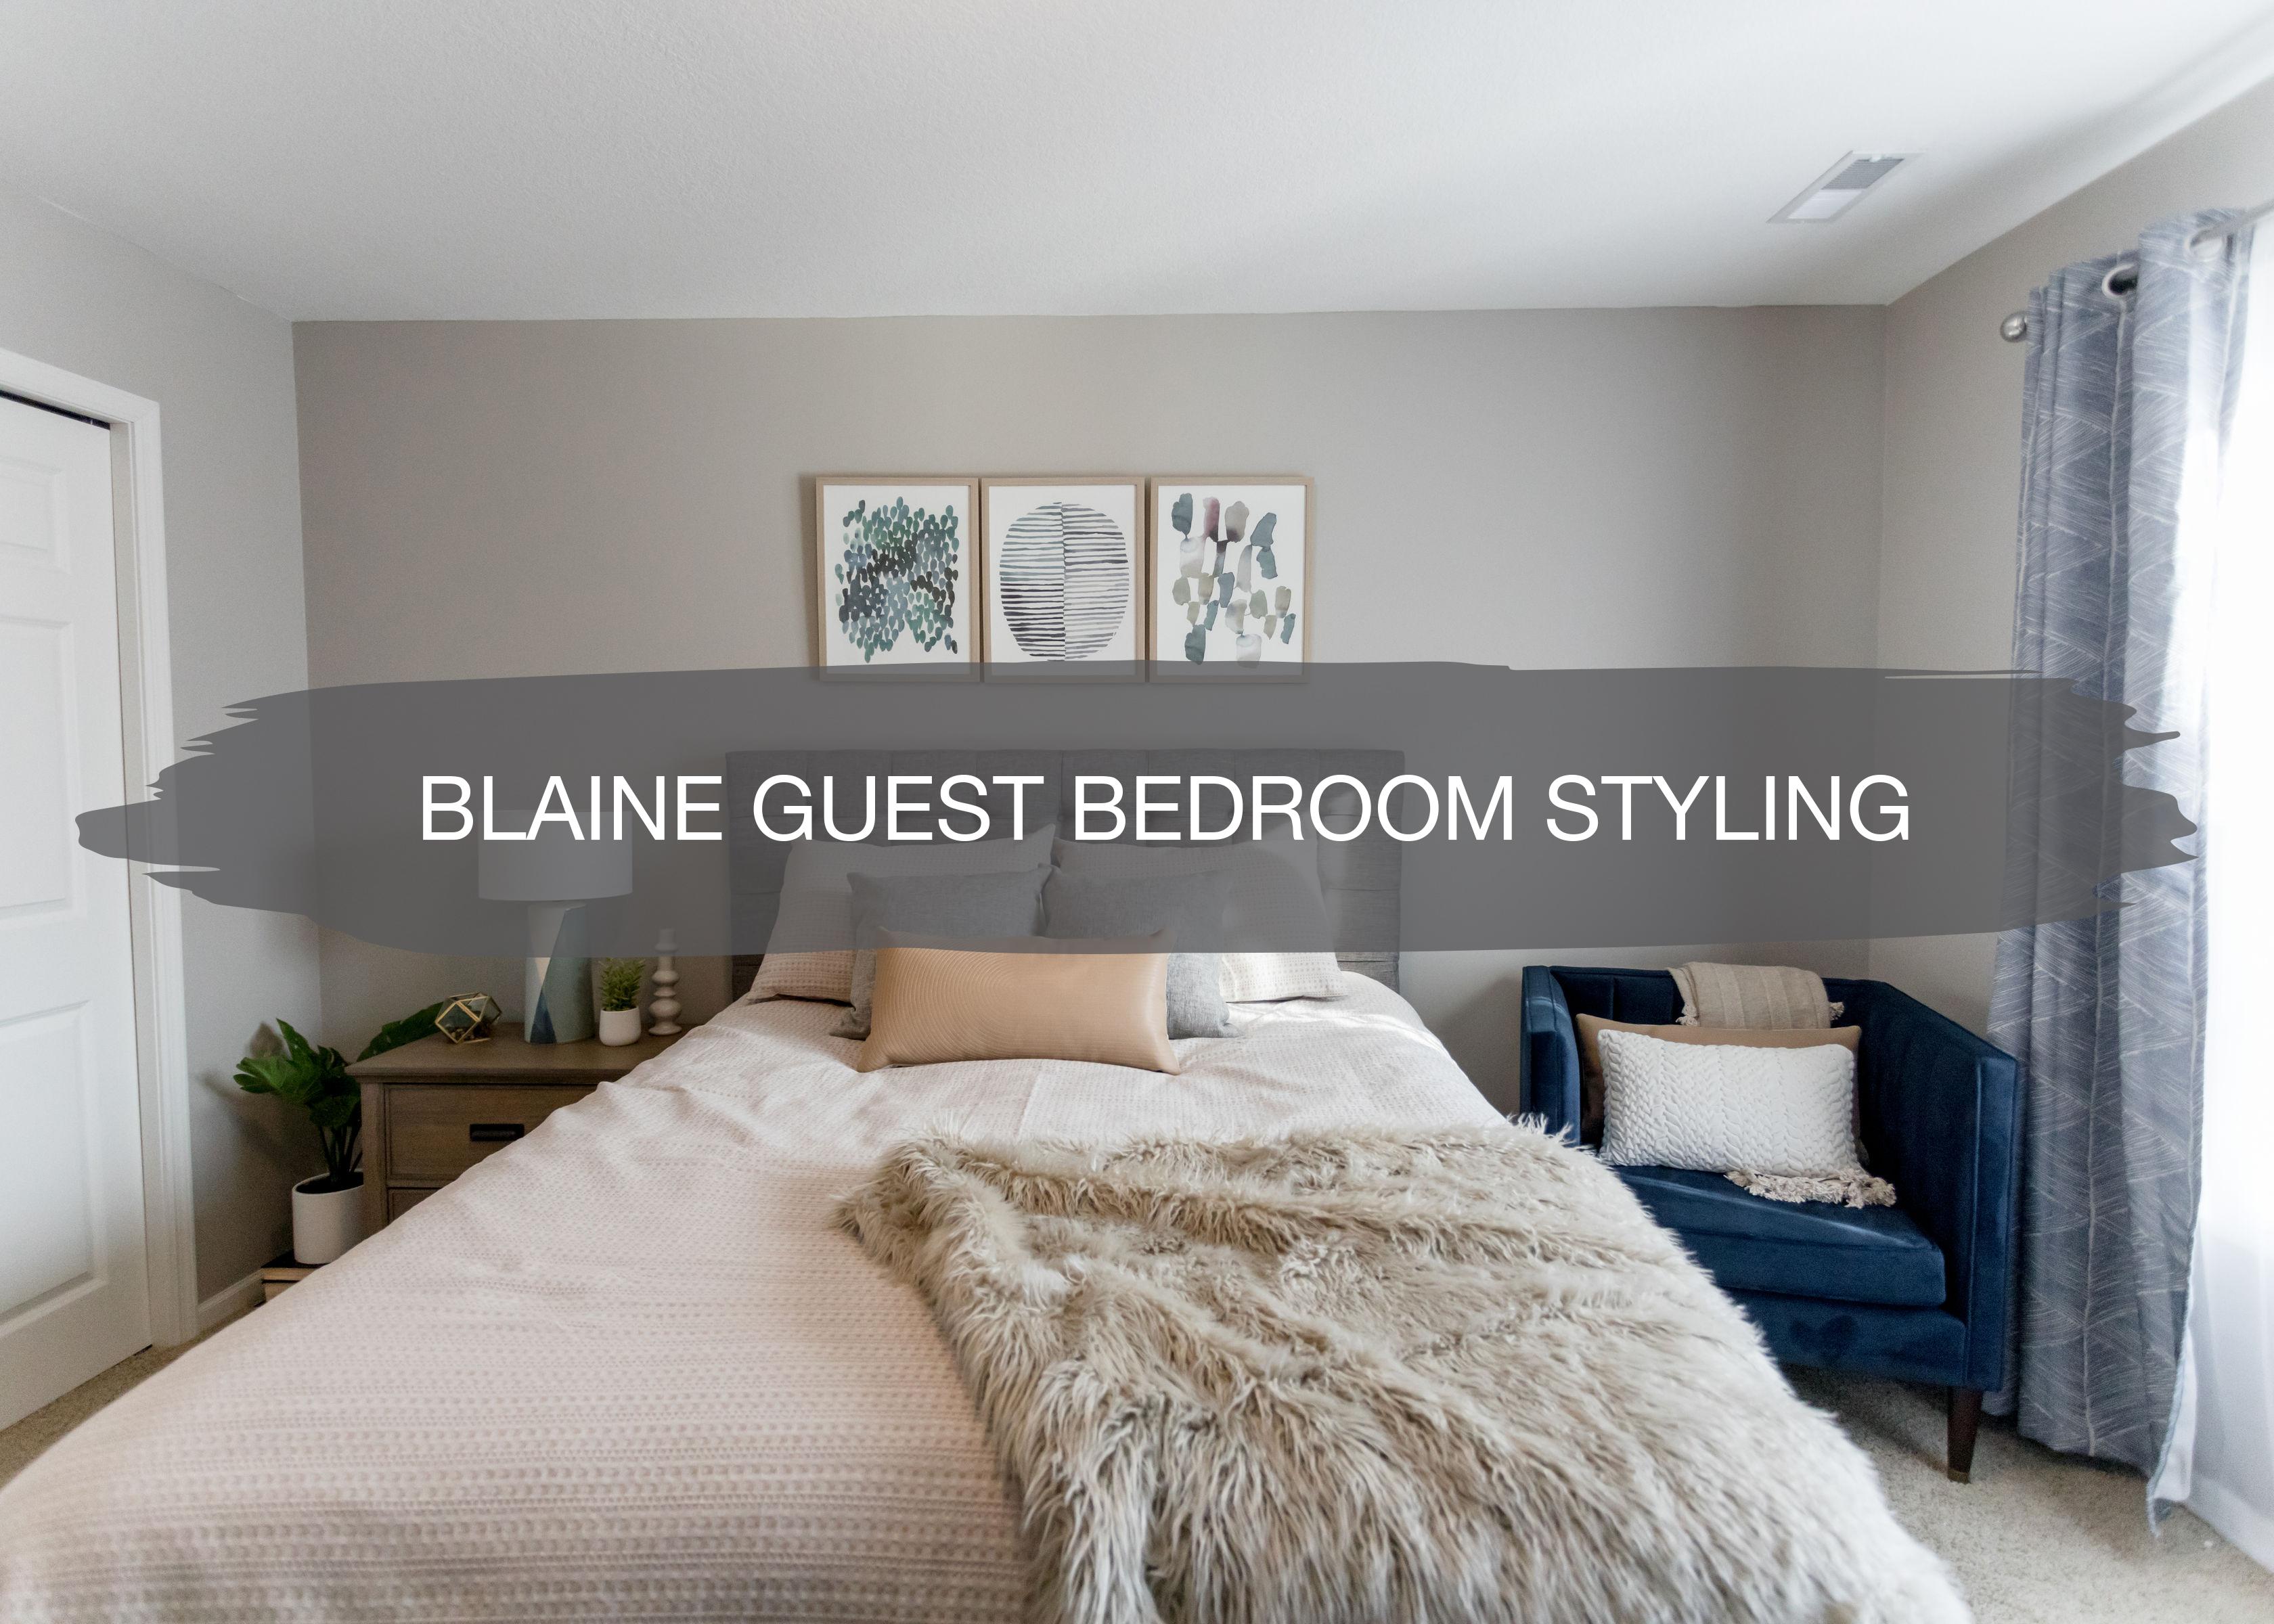 Get Guest Bedroom Images